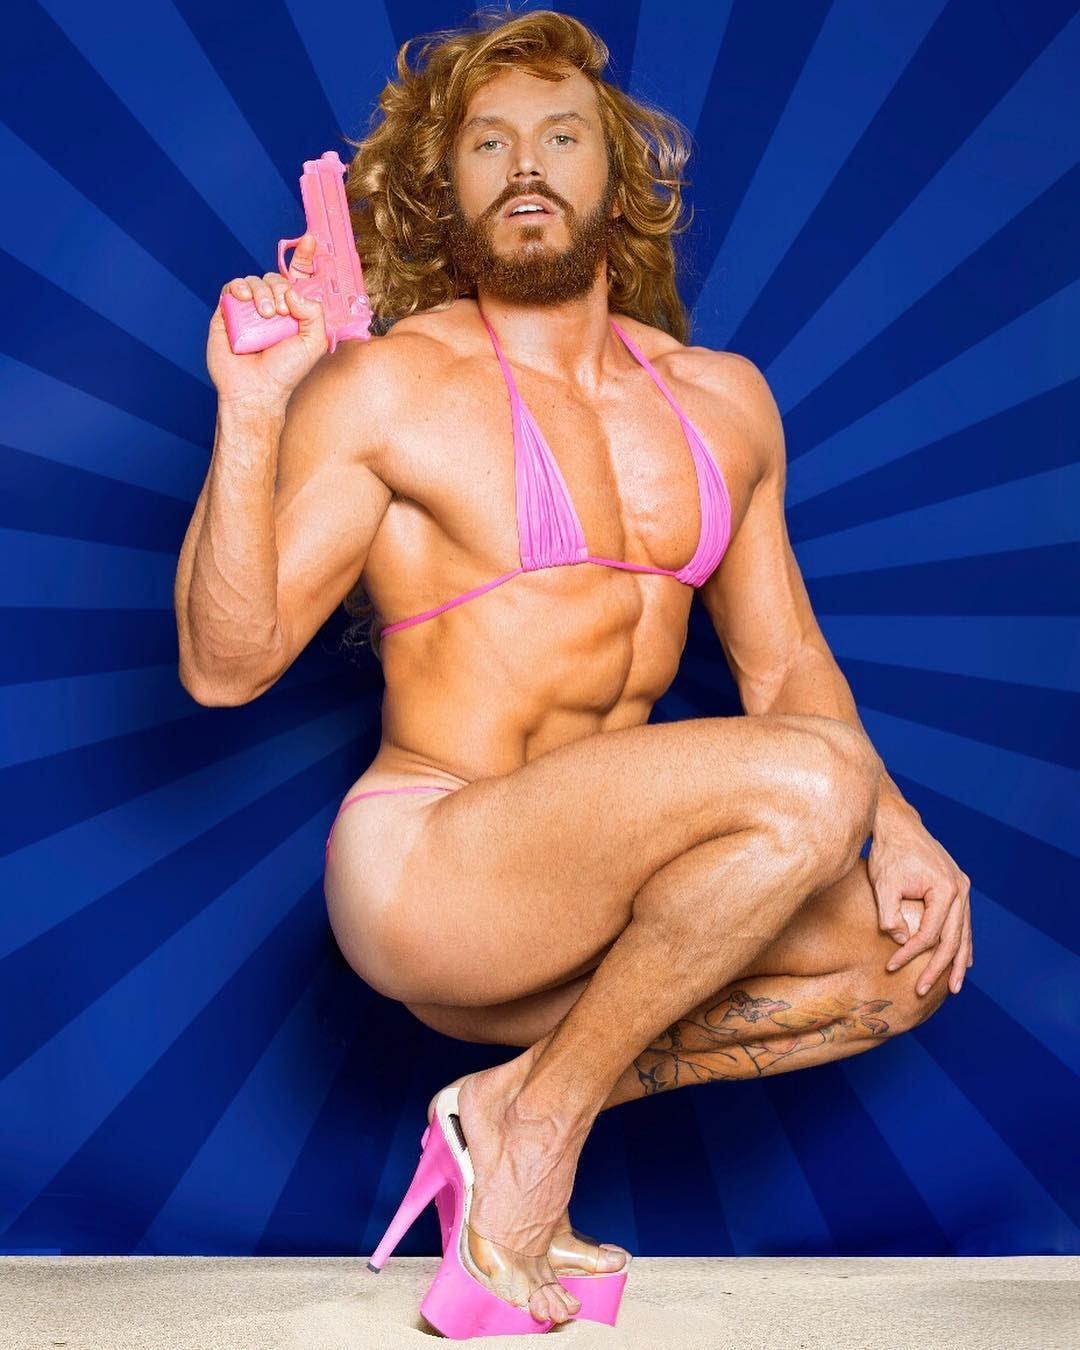 De biquíni, Franklin David reproduz pose de Pamela Anderson na capa da Playboy. Foto: Ronaldo Gutierrez